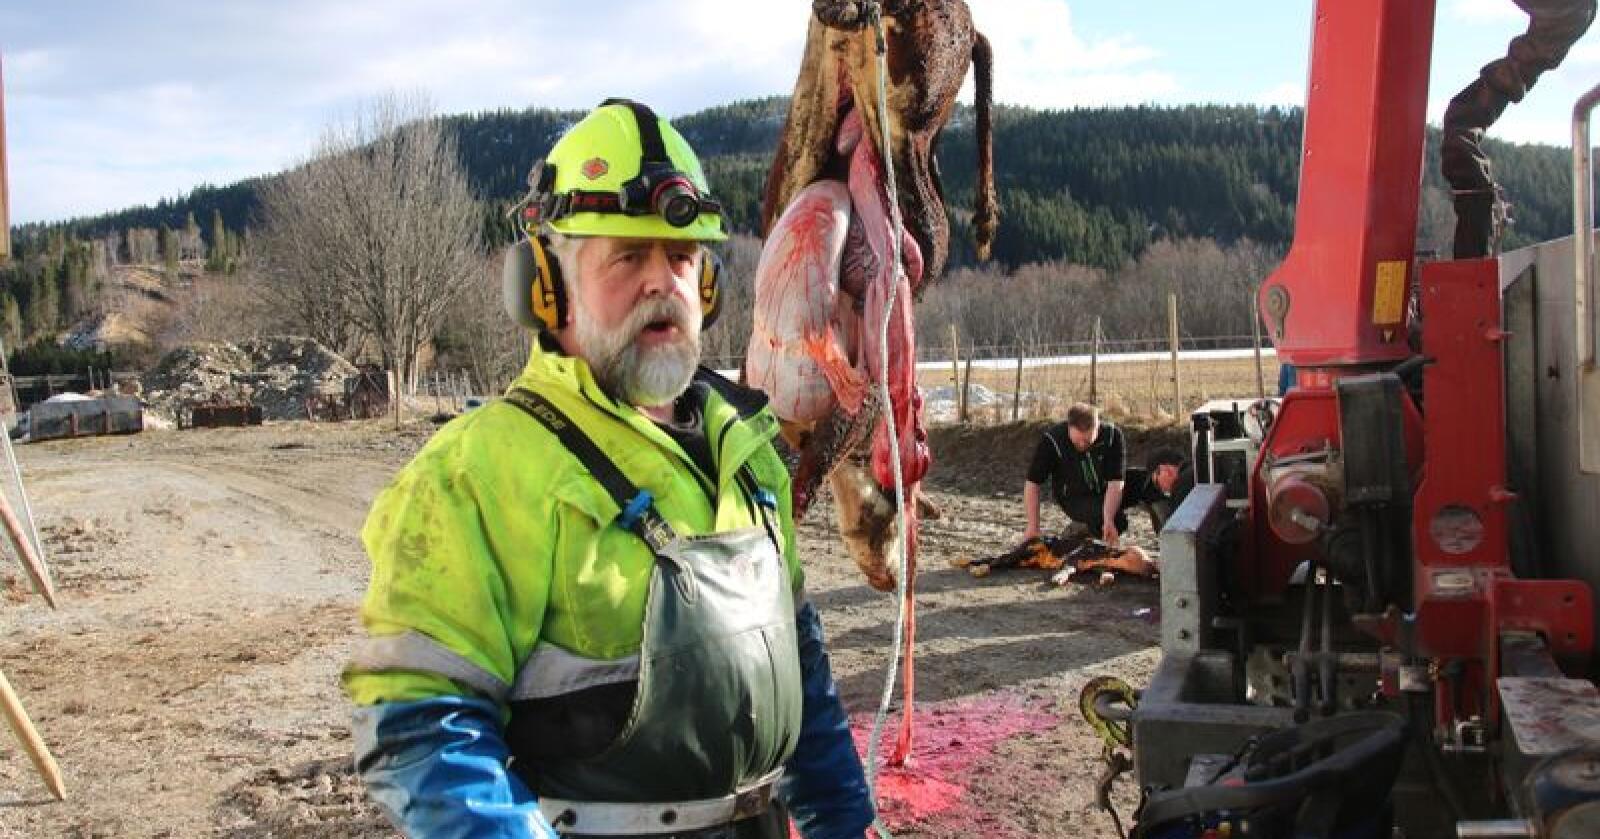 Erfaren venn i nøden: Nødslakter Stein Åge Vollan har jobbet i bransjen i 42 år. Han har travle dager i kalvingssesongen for ammekyr. Foto: Camilla Mellemstrand.